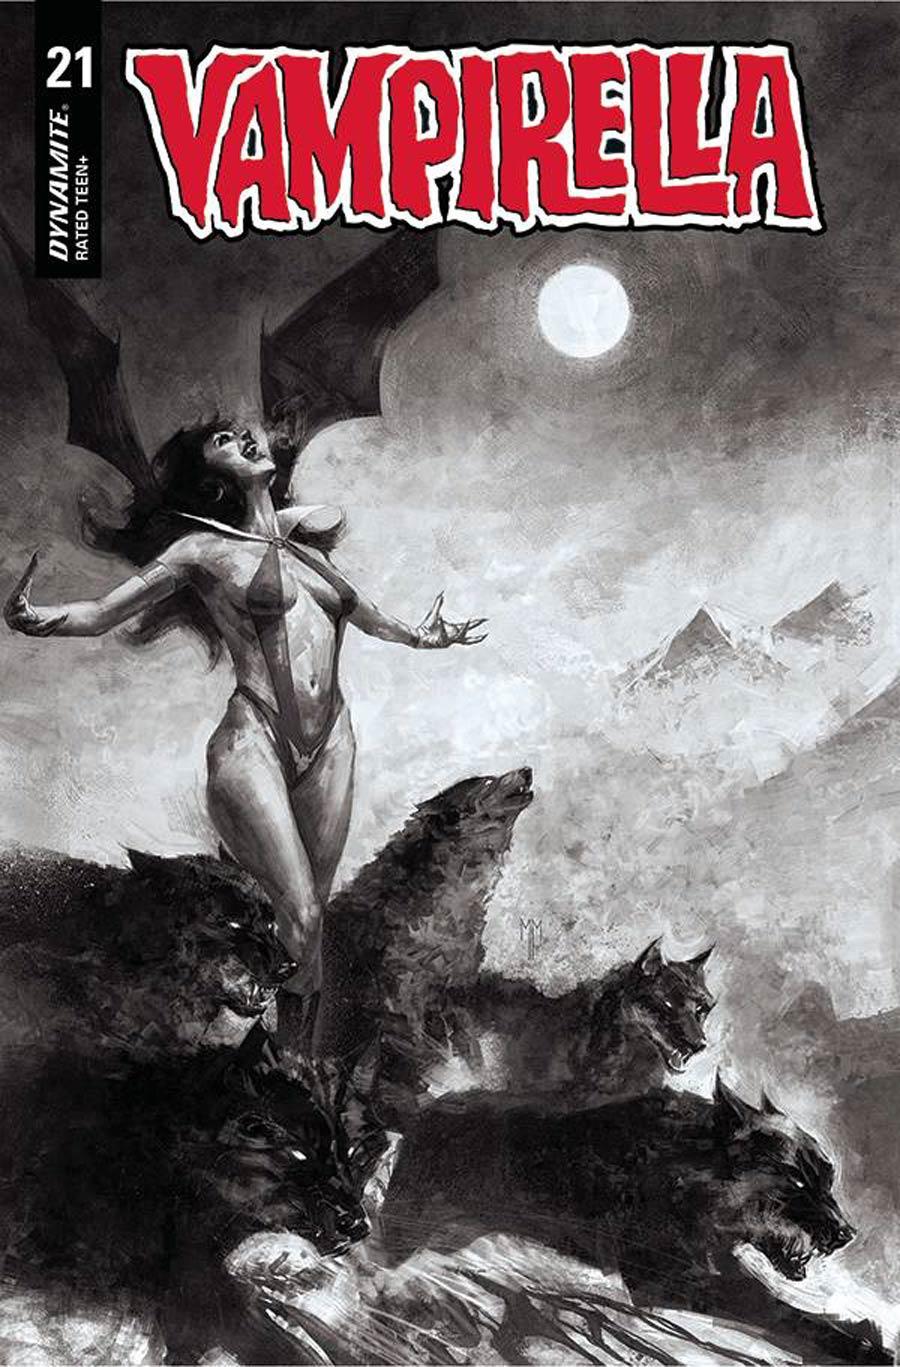 Vampirella Vol 8 #21 Cover P Incentive Marco Mastrazzo Black & White Cover